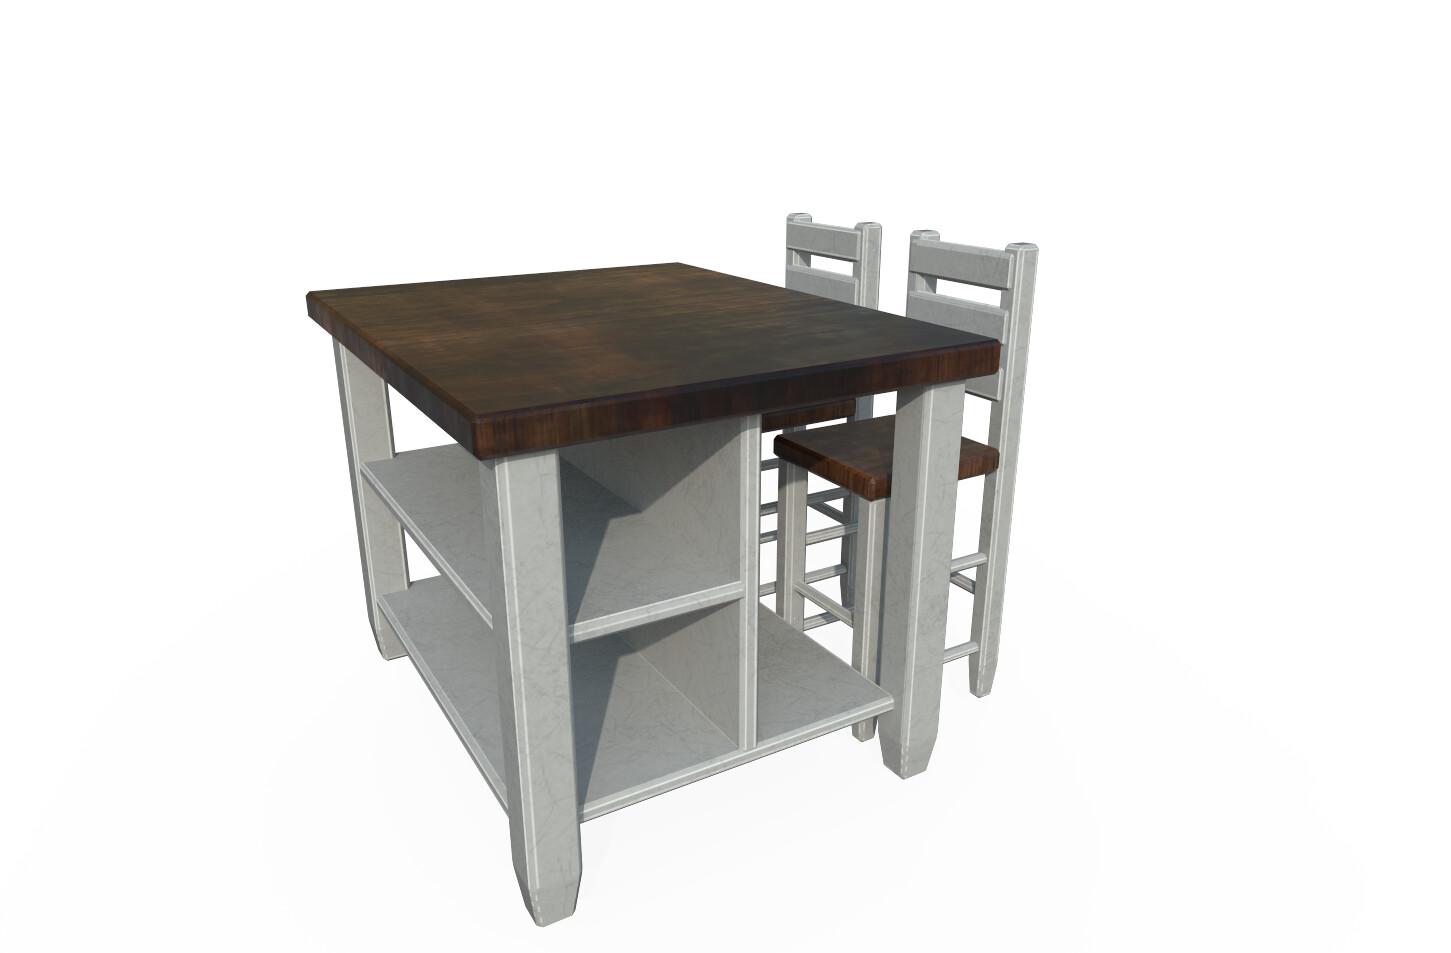 Joseph moniz breakfasttable001c